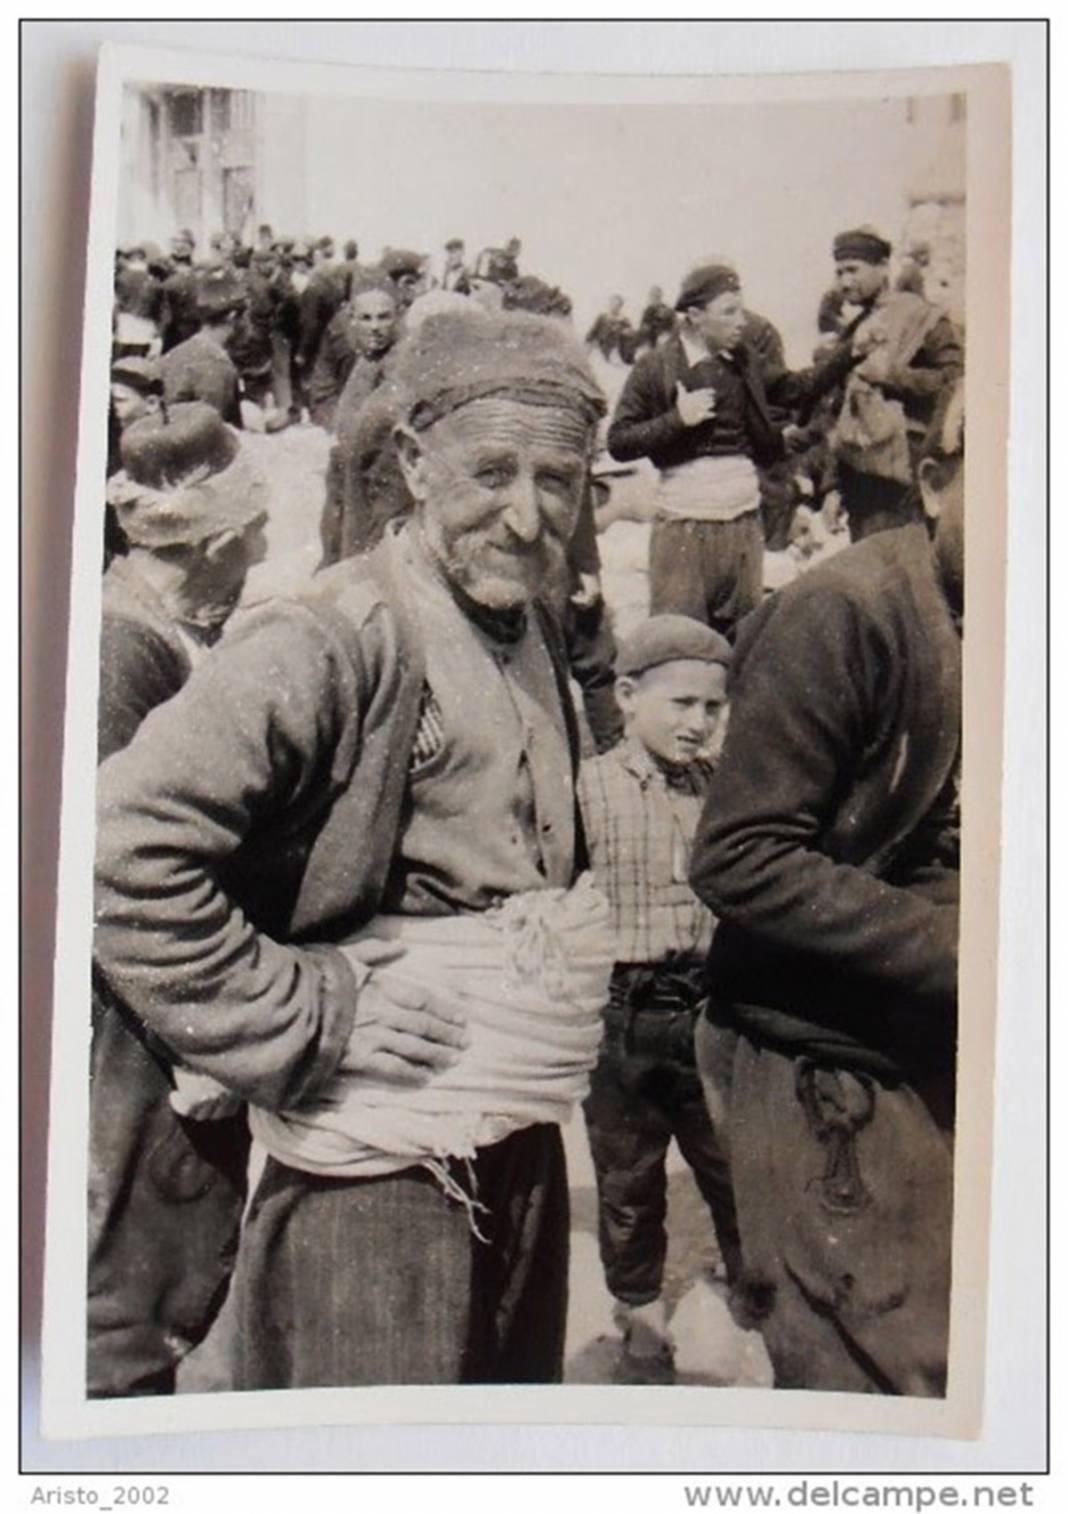 İşte Dobruca'da yaşayan Türklerin tarihine ışık tutacak kareler 27